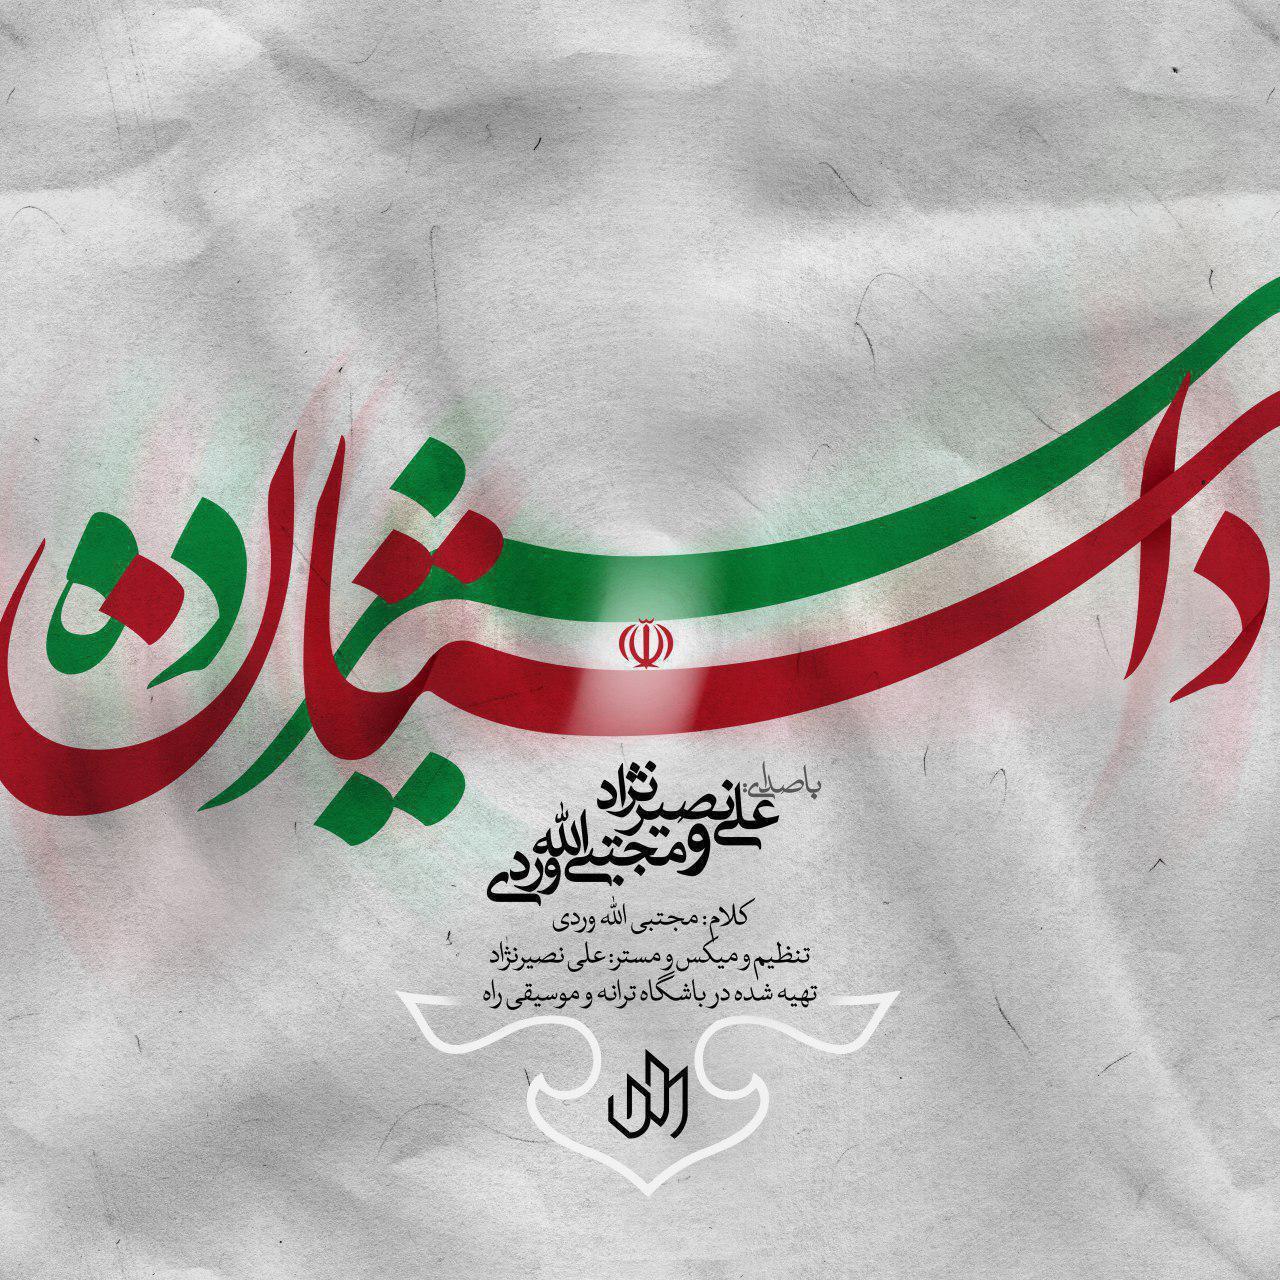 دانلود آهنگ جدید علی نصیرنژاد و مجتبی اله وردی بنام داستان 13